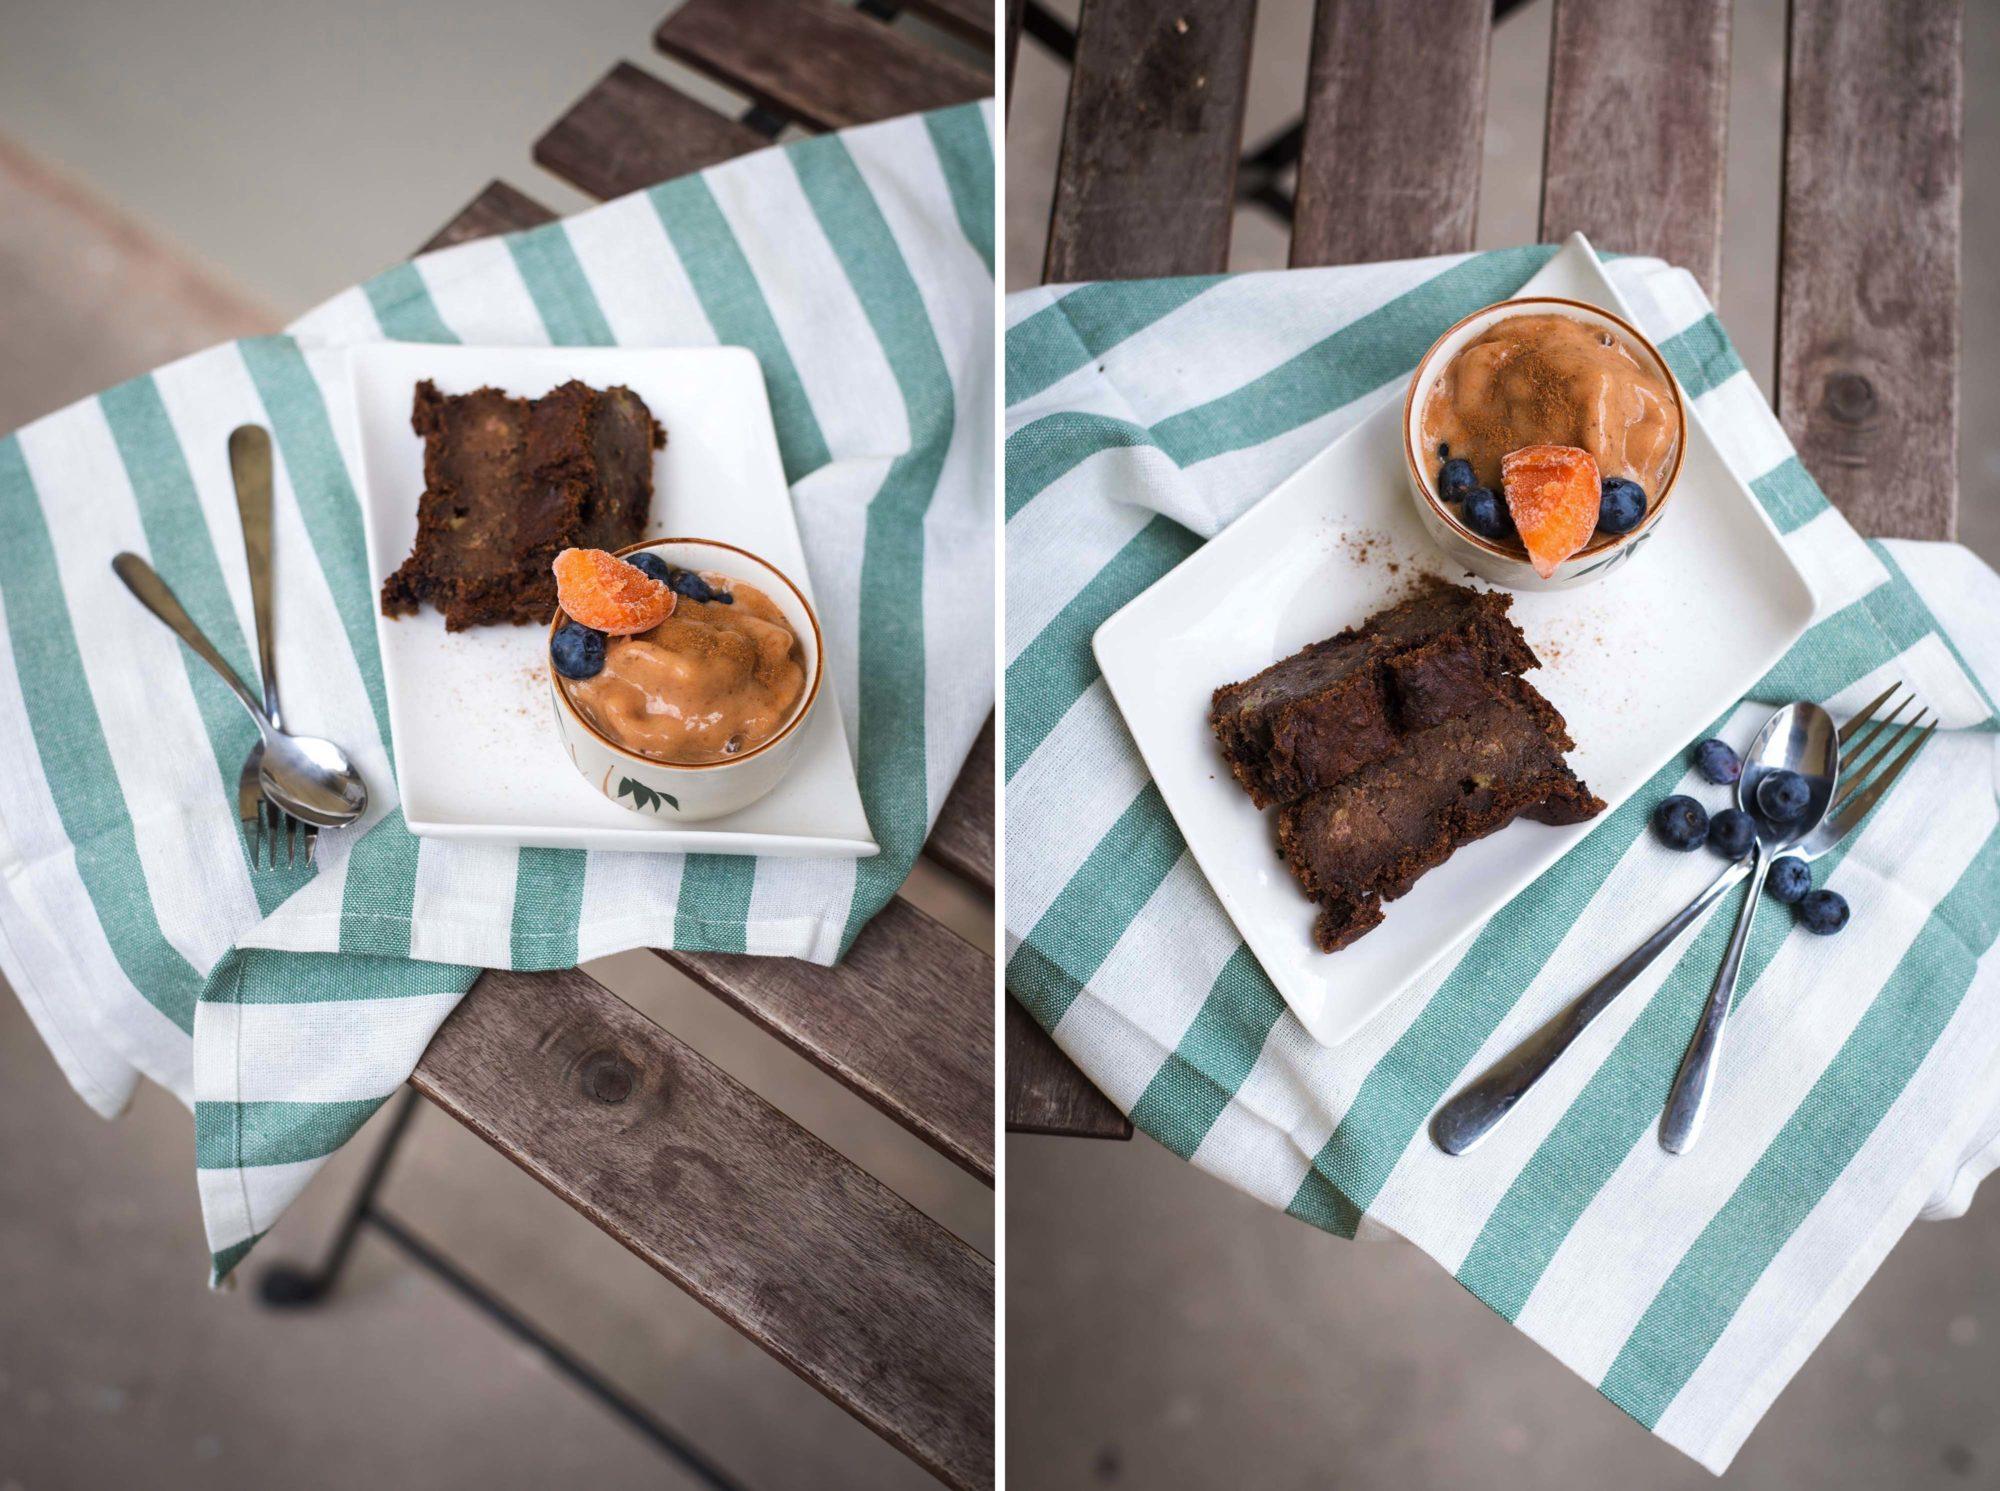 Vegan Schokolade Bananenbrot Marillenköndel Eis Aprikose Nicecream fugdy speckig gesund lecker vegane Ernährung Dessert Nachspeise